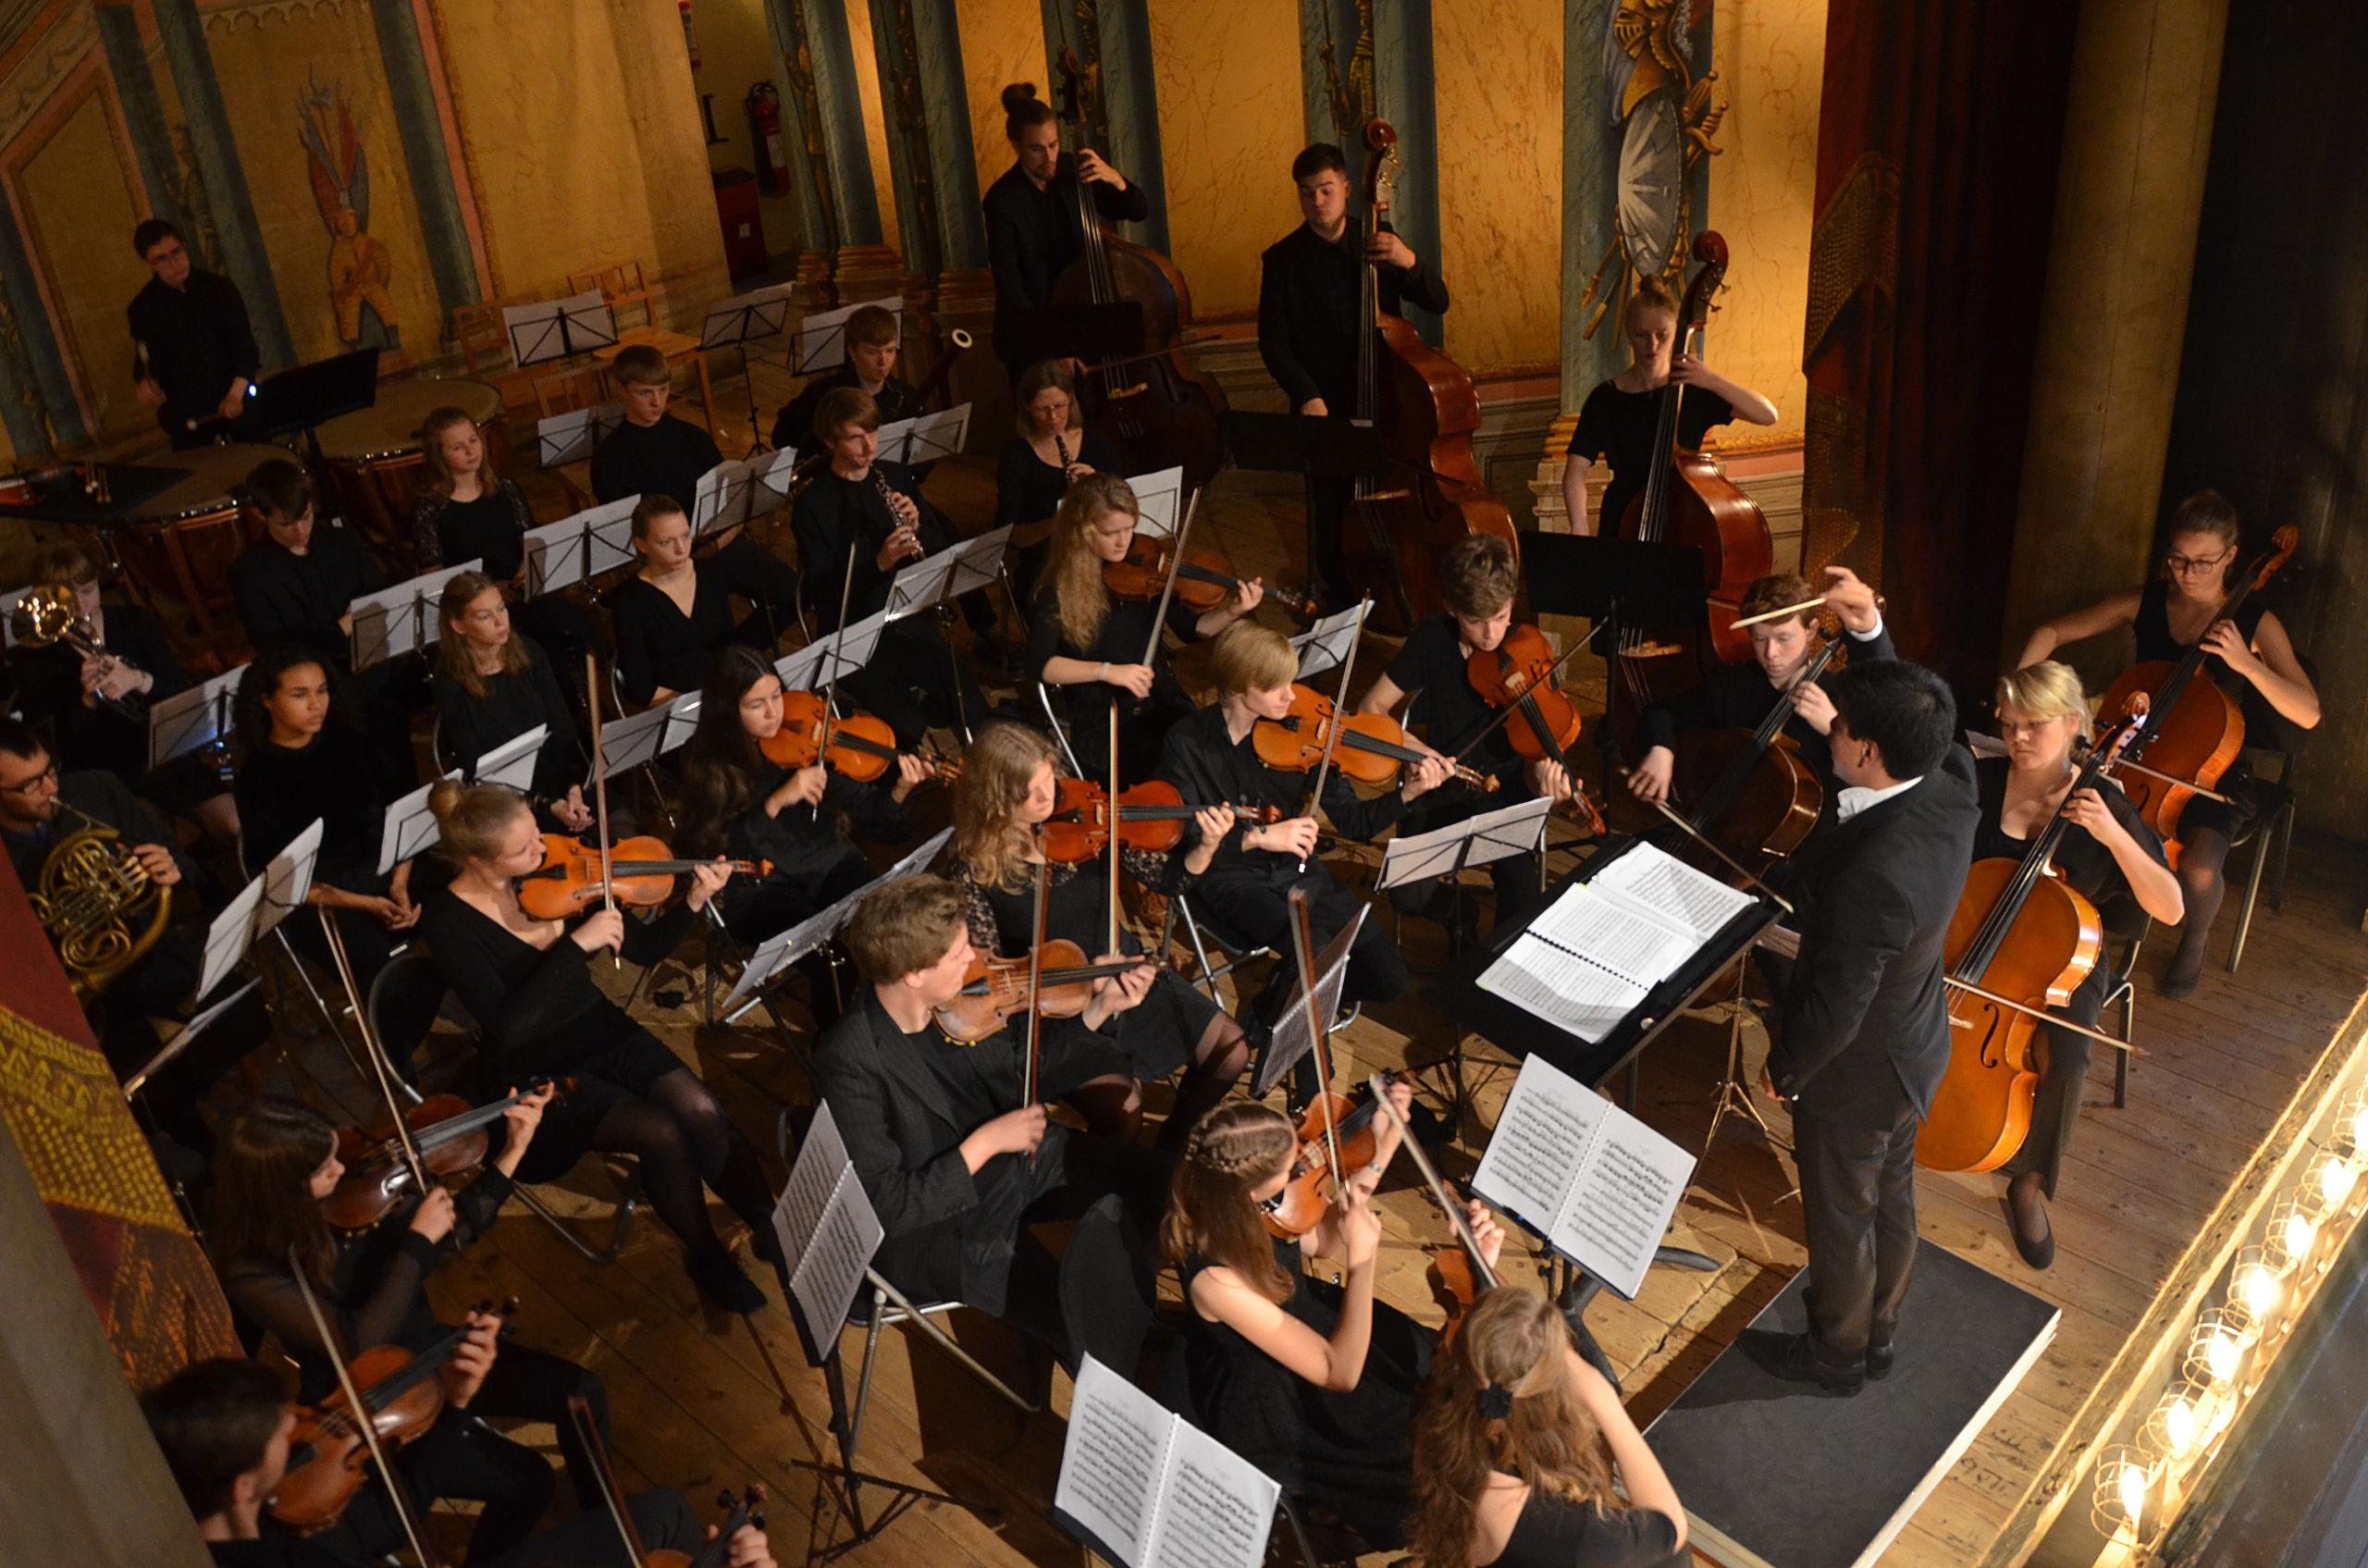 Orkestret spiller fire koncerter om året - bl.a. på mandag 4. februar. Foto: Aalborg Kulturskole